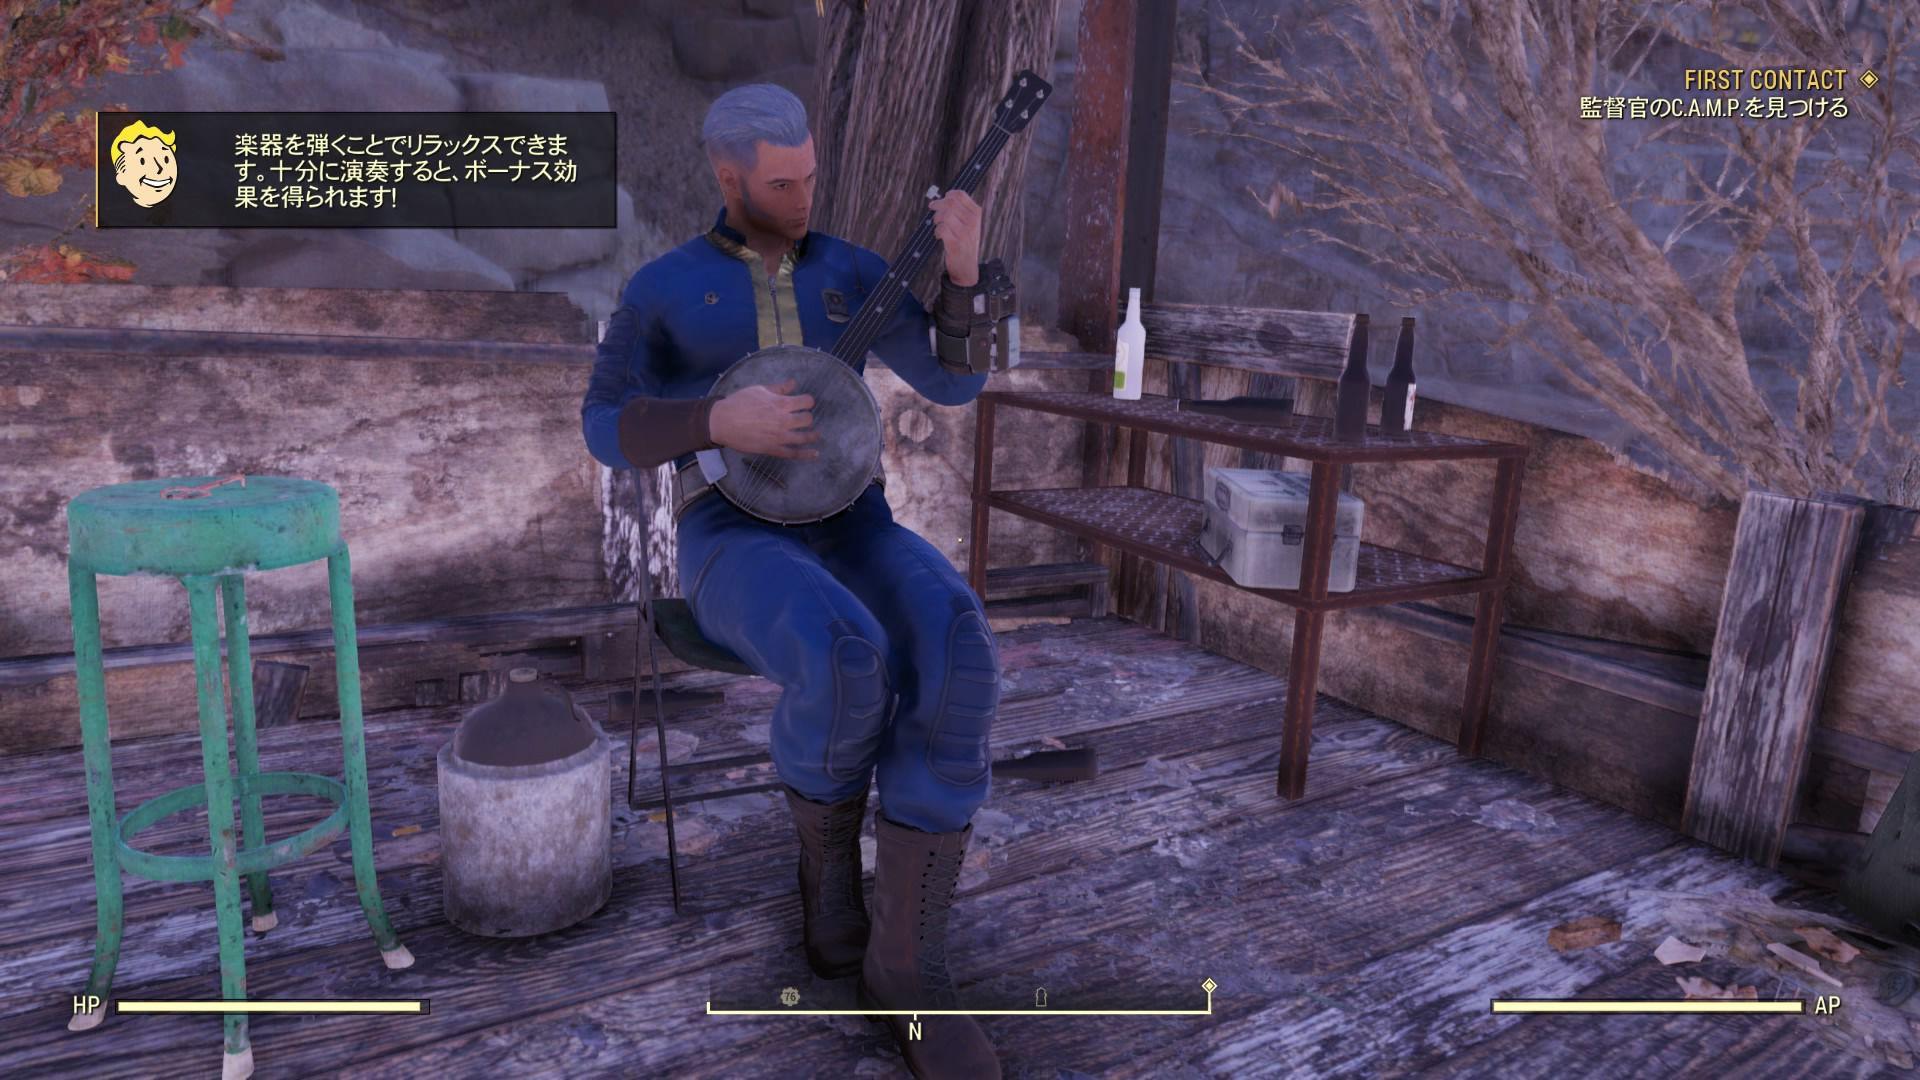 ウエスト ランダーズ fallout76 【Fallout 76】ウェイストランダーズに最新情報!Vault